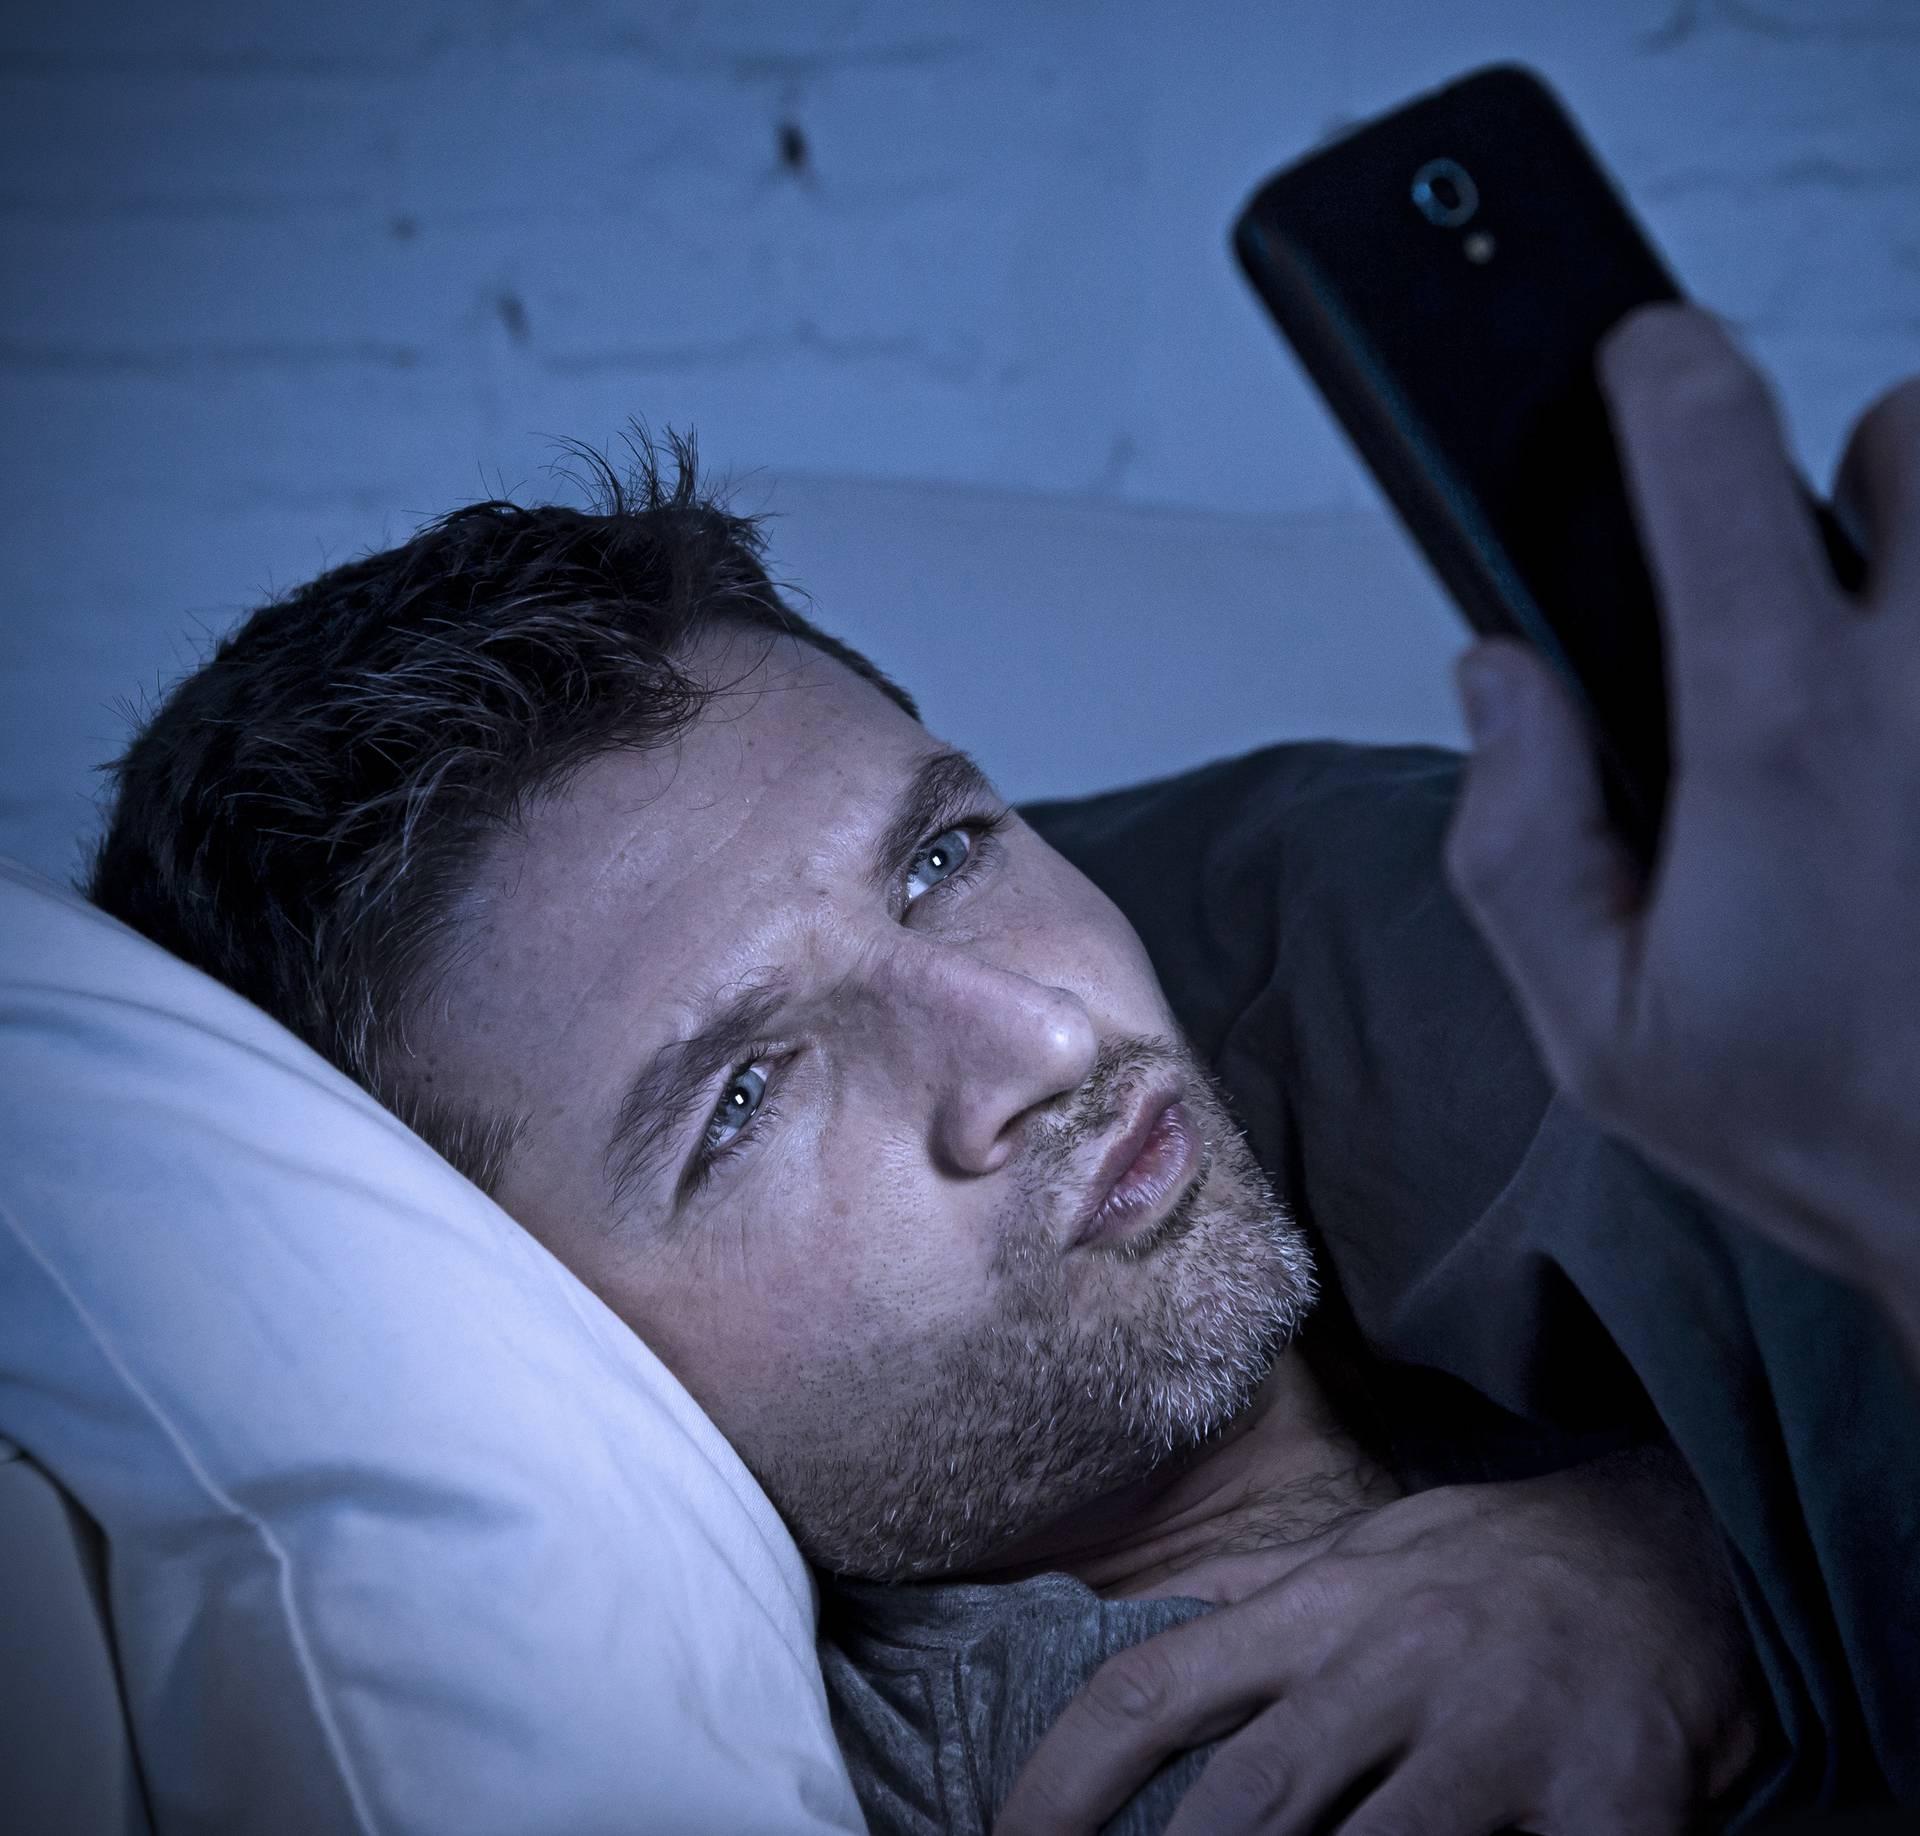 Tate i tehnologija:  Evo kako to izgleda kad kupe nove telefone